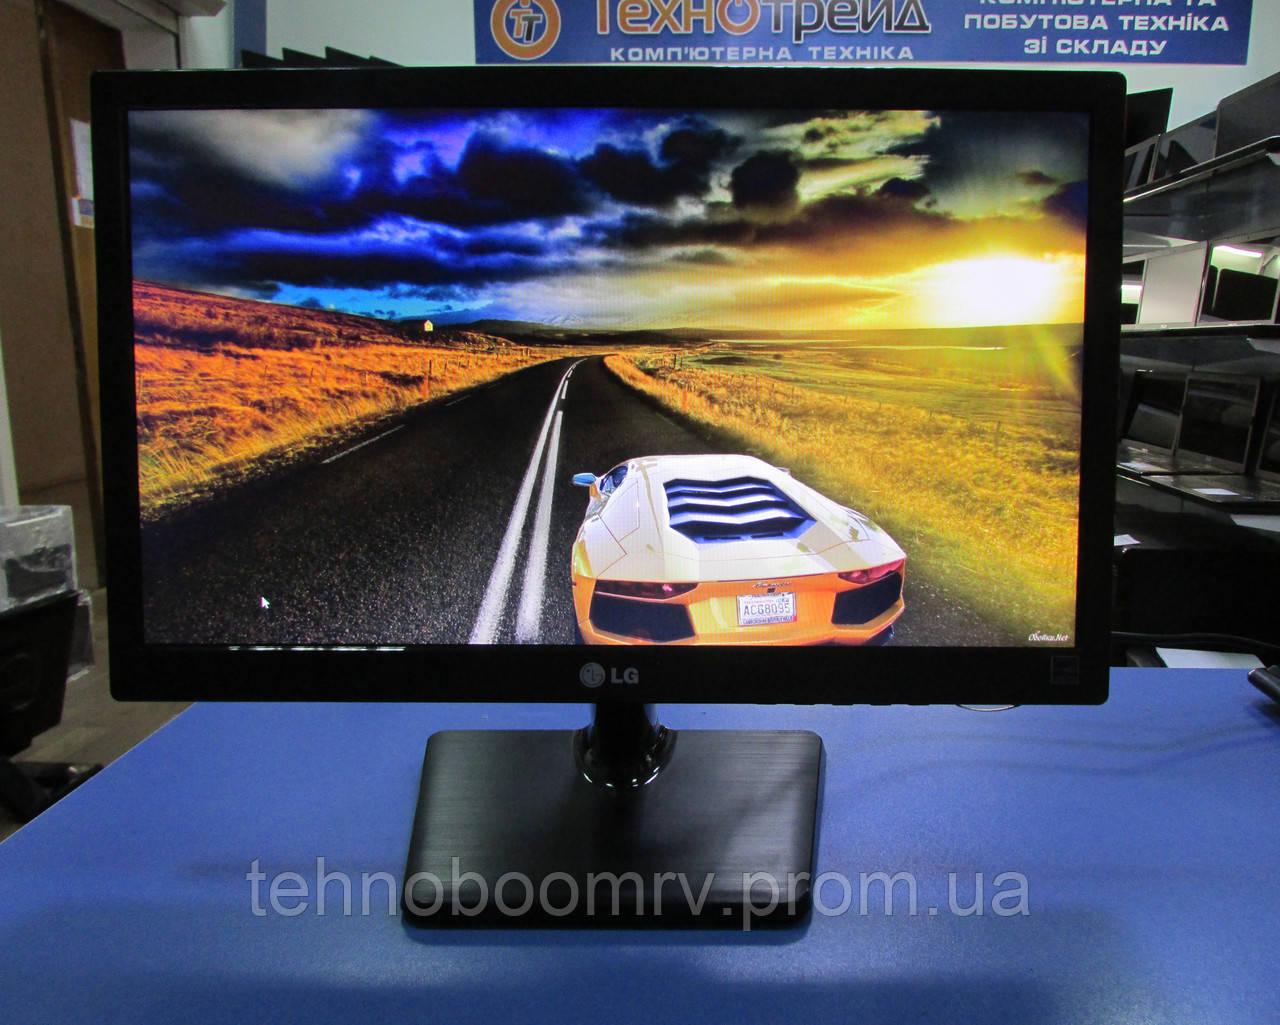 Монитор LG 19M37A-B - TN+film матрица/1366x768/ LED/ 16:9/5 мс/VGA